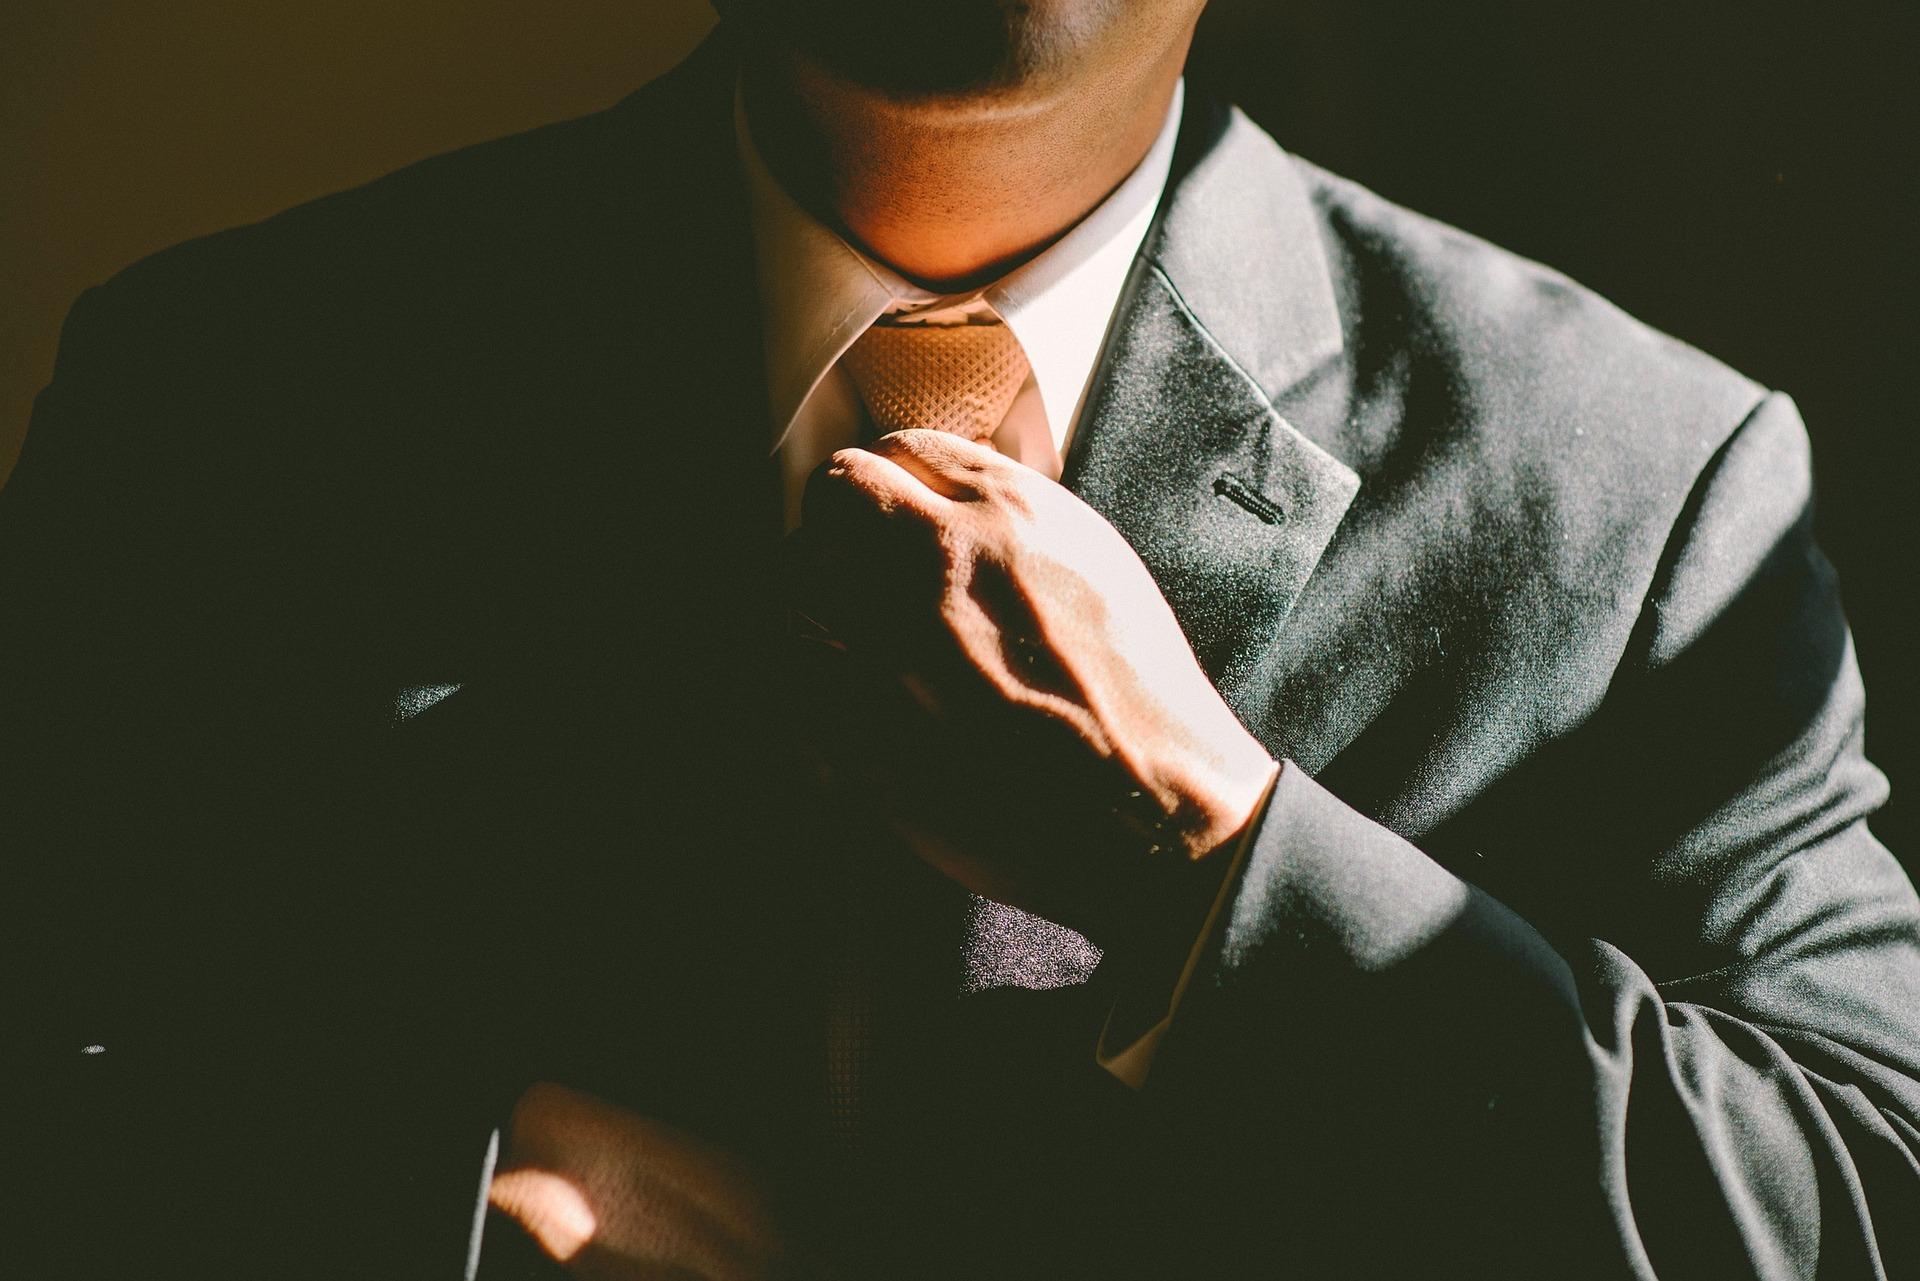 Les points essentiels pour votre tenue vestimentaire au travail 1